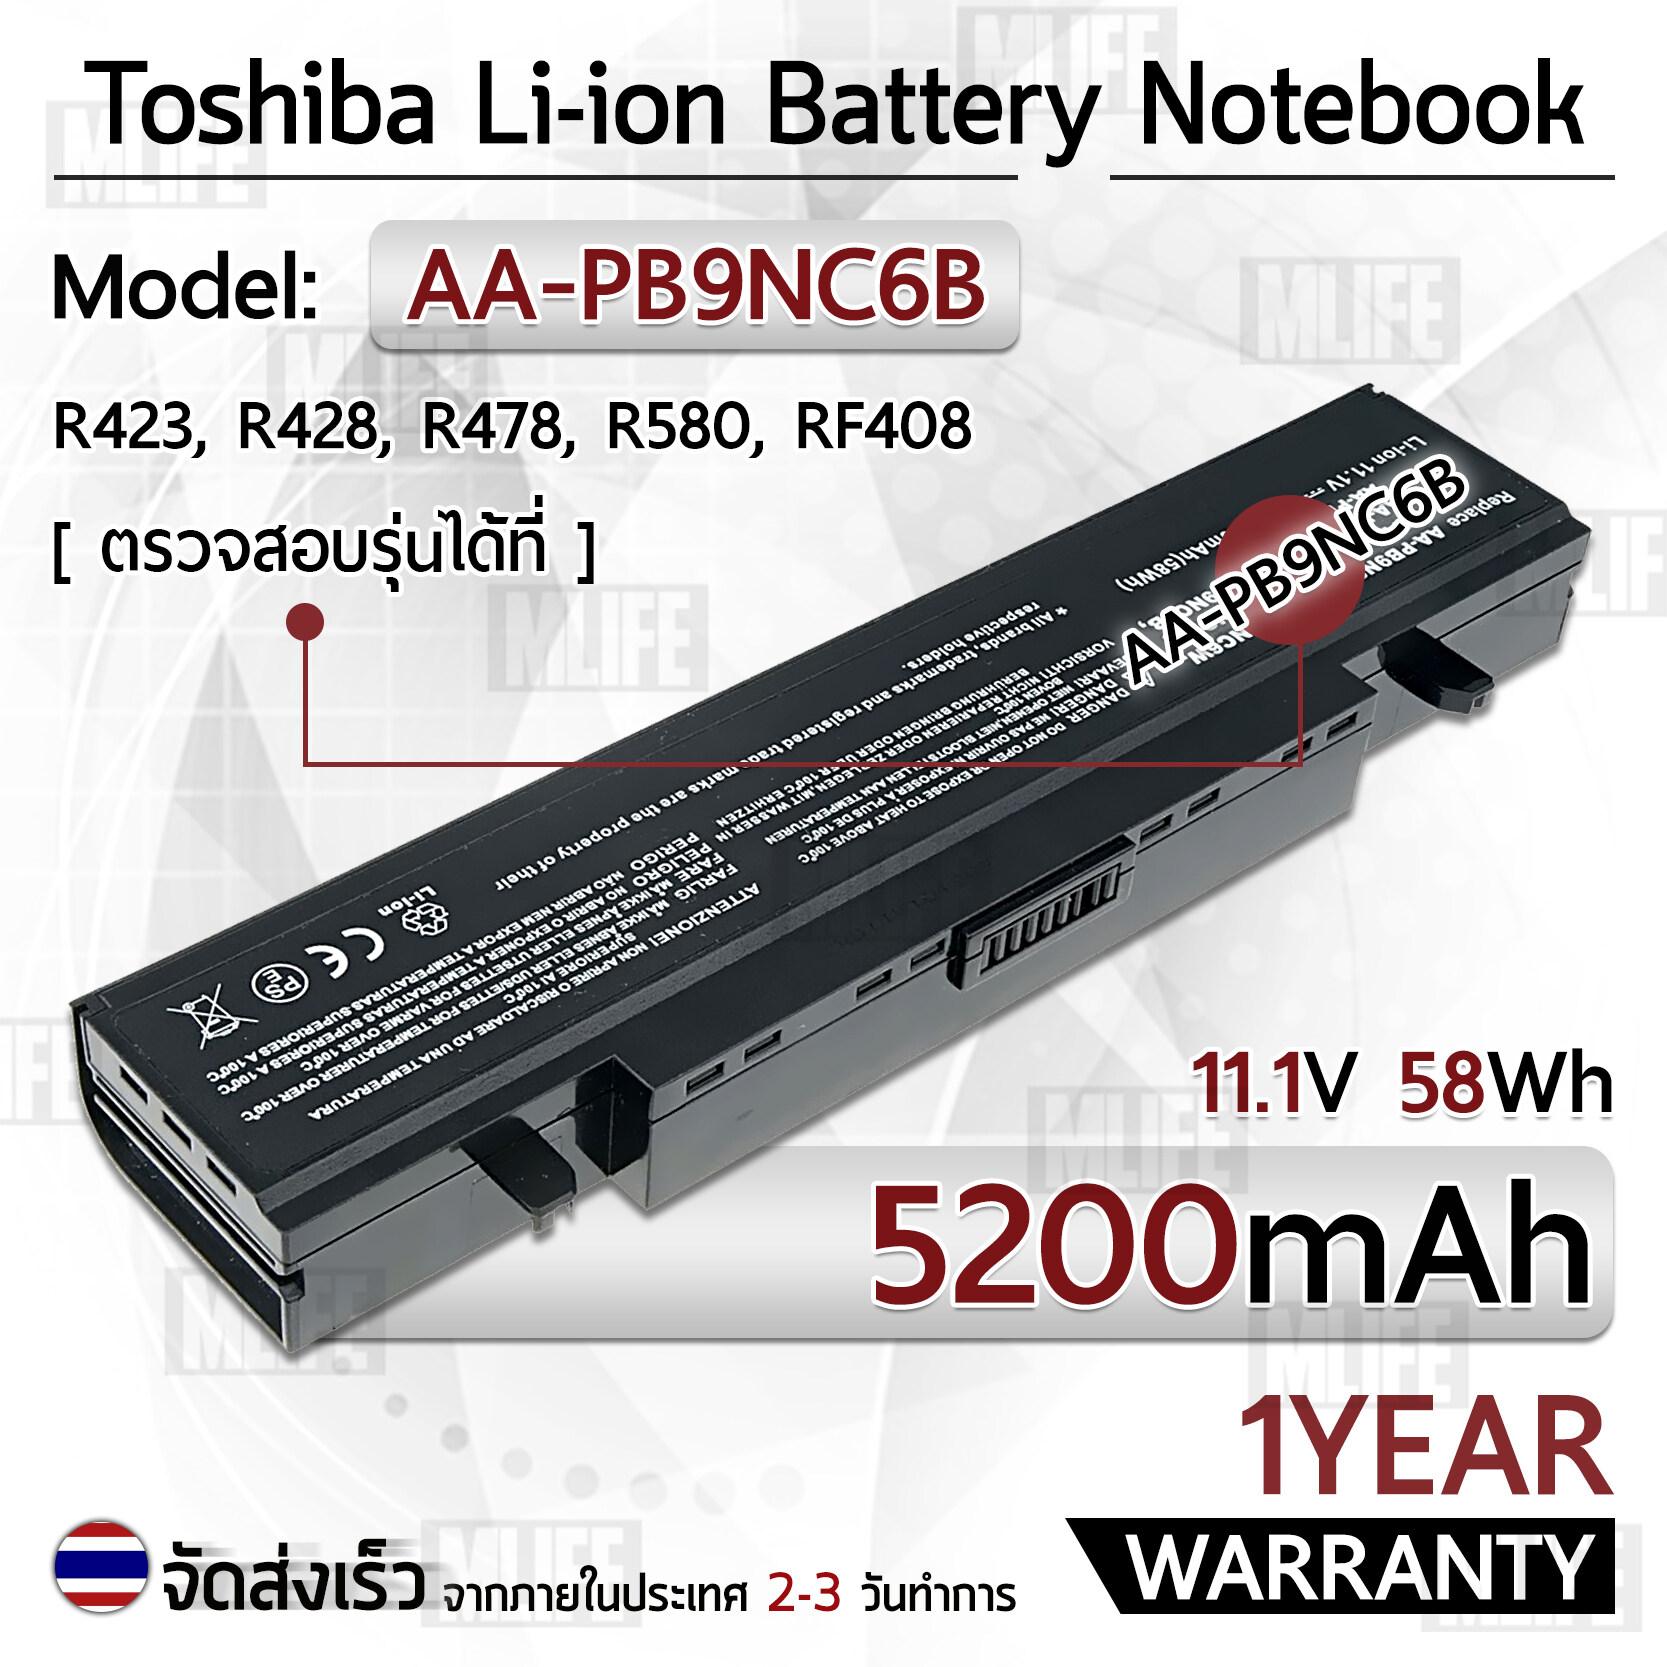 Mlife - รับประกัน 1 ปี - แบตเตอรี่ โน้ตบุ๊ค แล็ปท็อป Samsung R428 Rf408 R580 Q210 Q310 R40 R410 R468 R470 R478 R48 R518h R520 Nt-Rv413 Nt-Rv511 Np300v4z Np350v5c Aa-Pb9nc6b Aa-Pb9nsb Battery Notebook Laptop 5200mah.